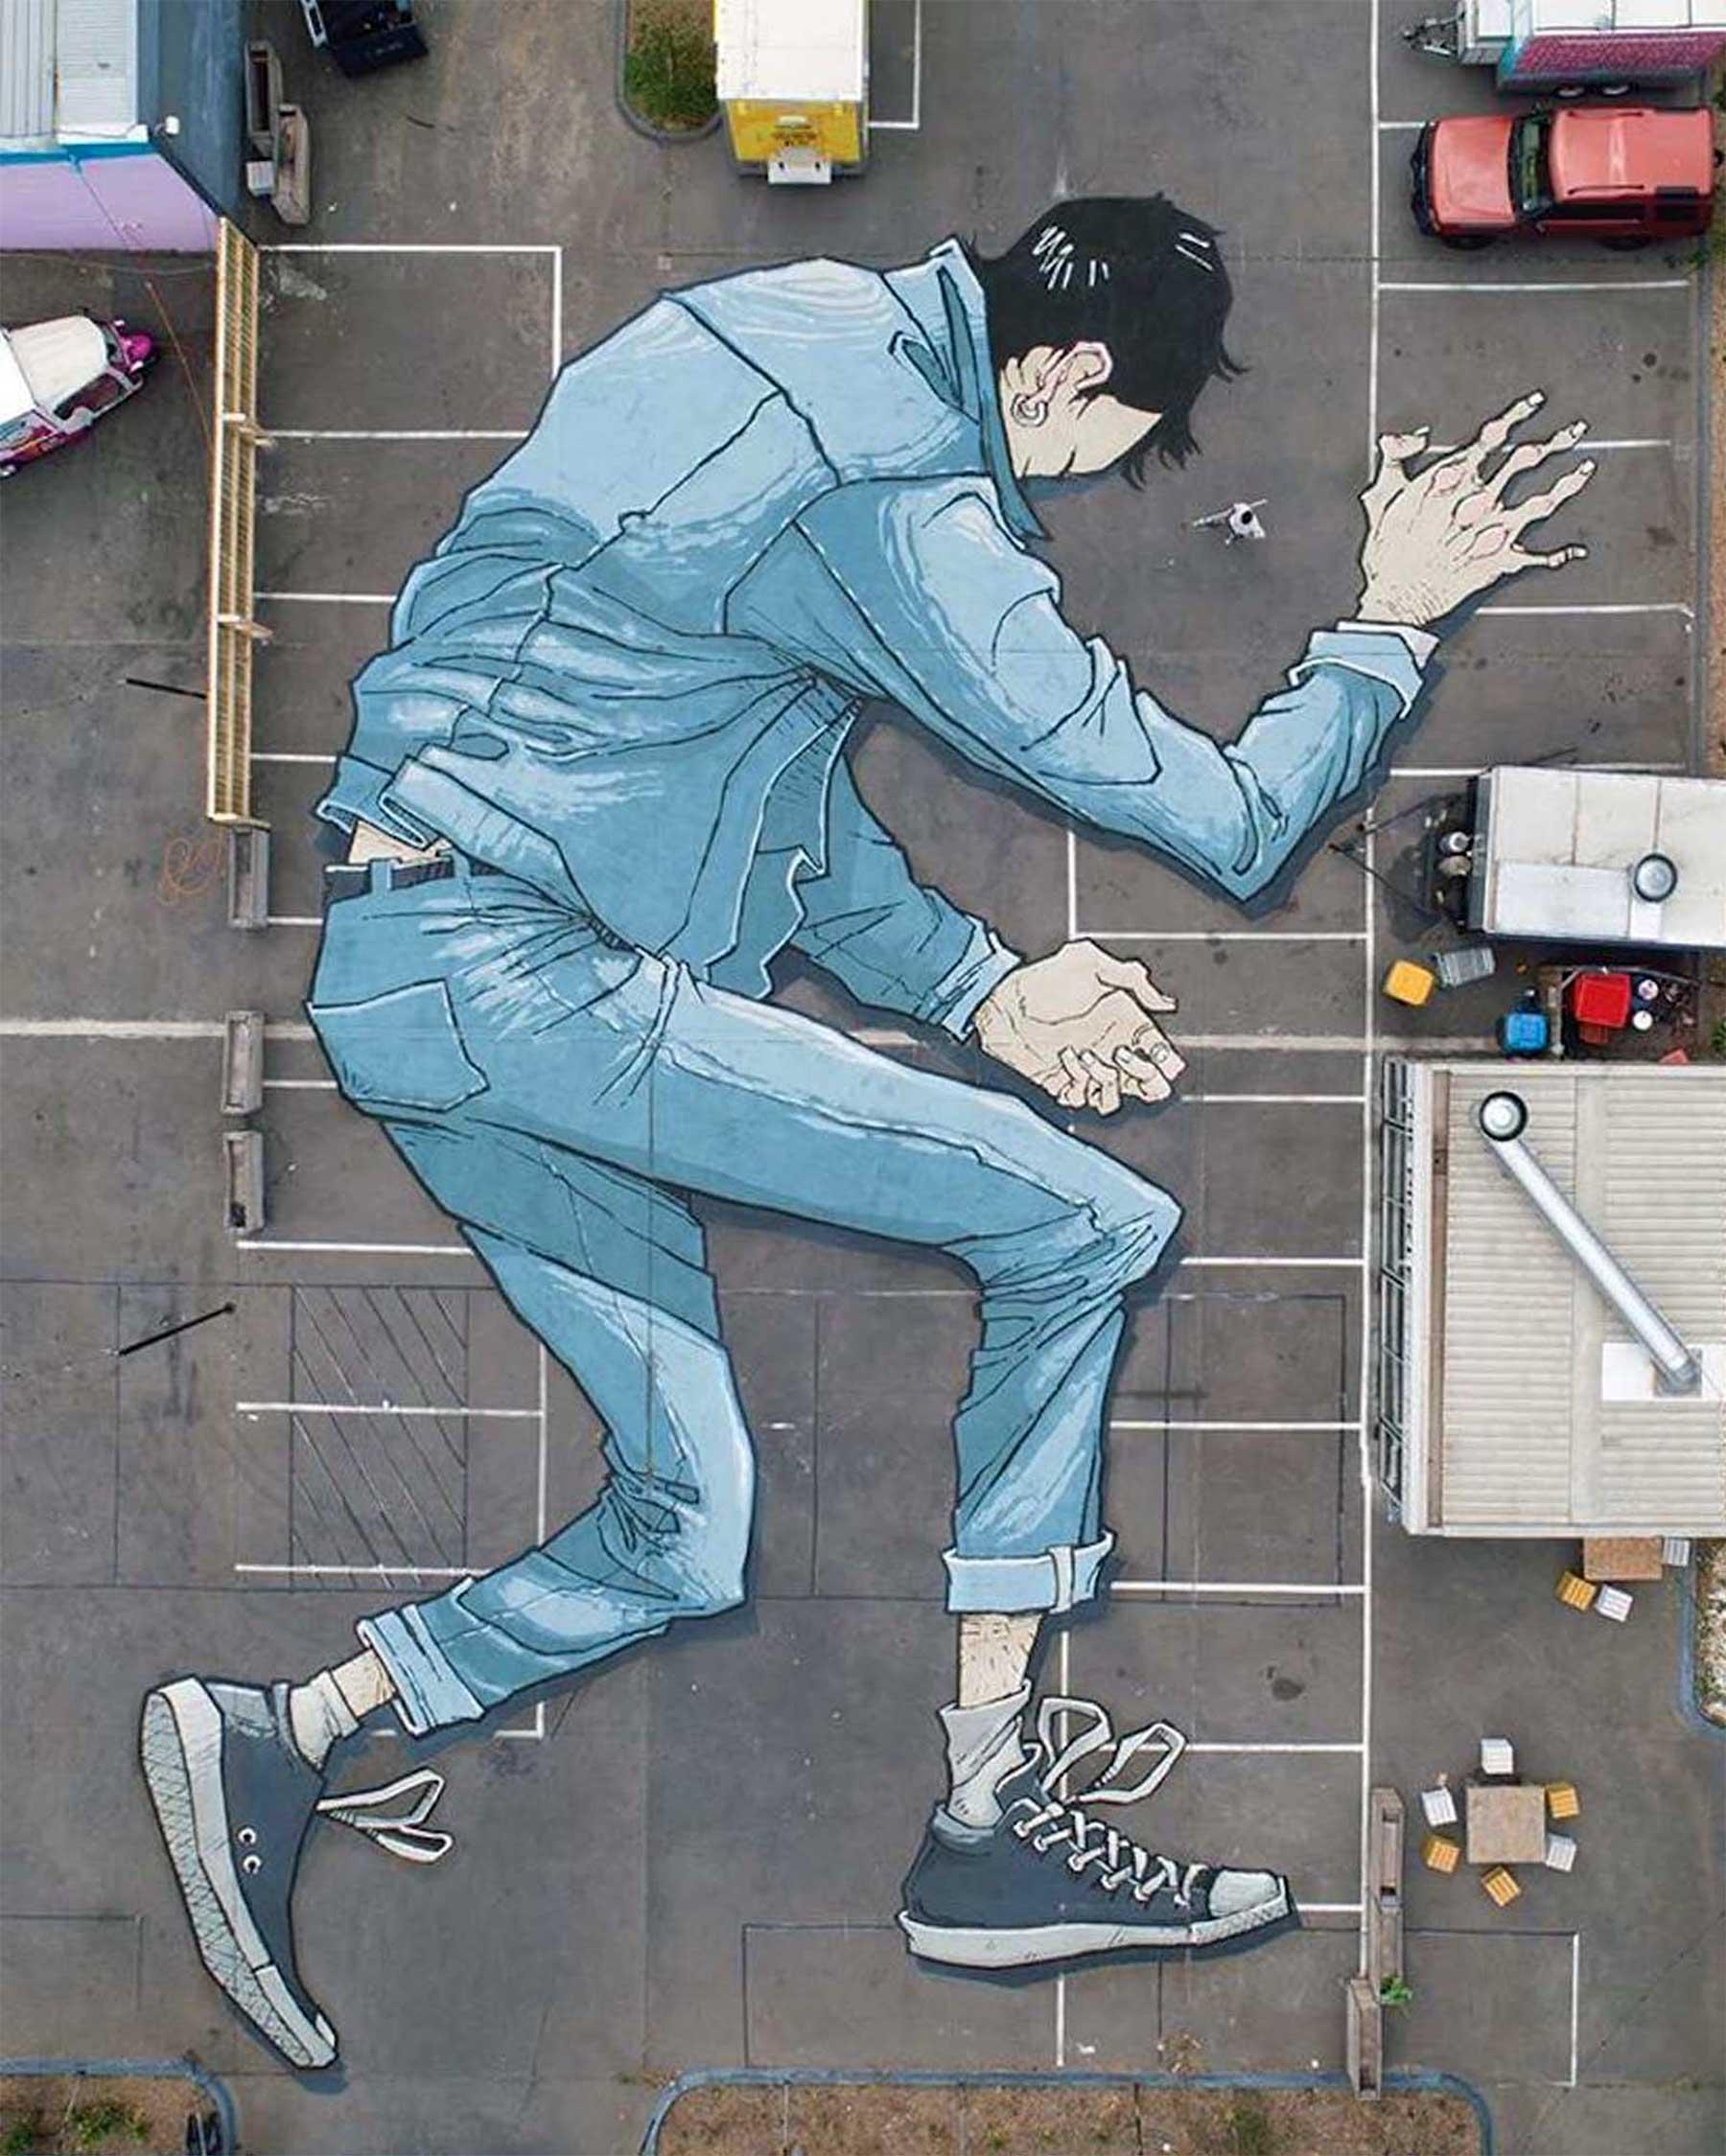 Die gigantischen Boden-Murals von Kitt Bennett Kitt-Bennett-murals_02